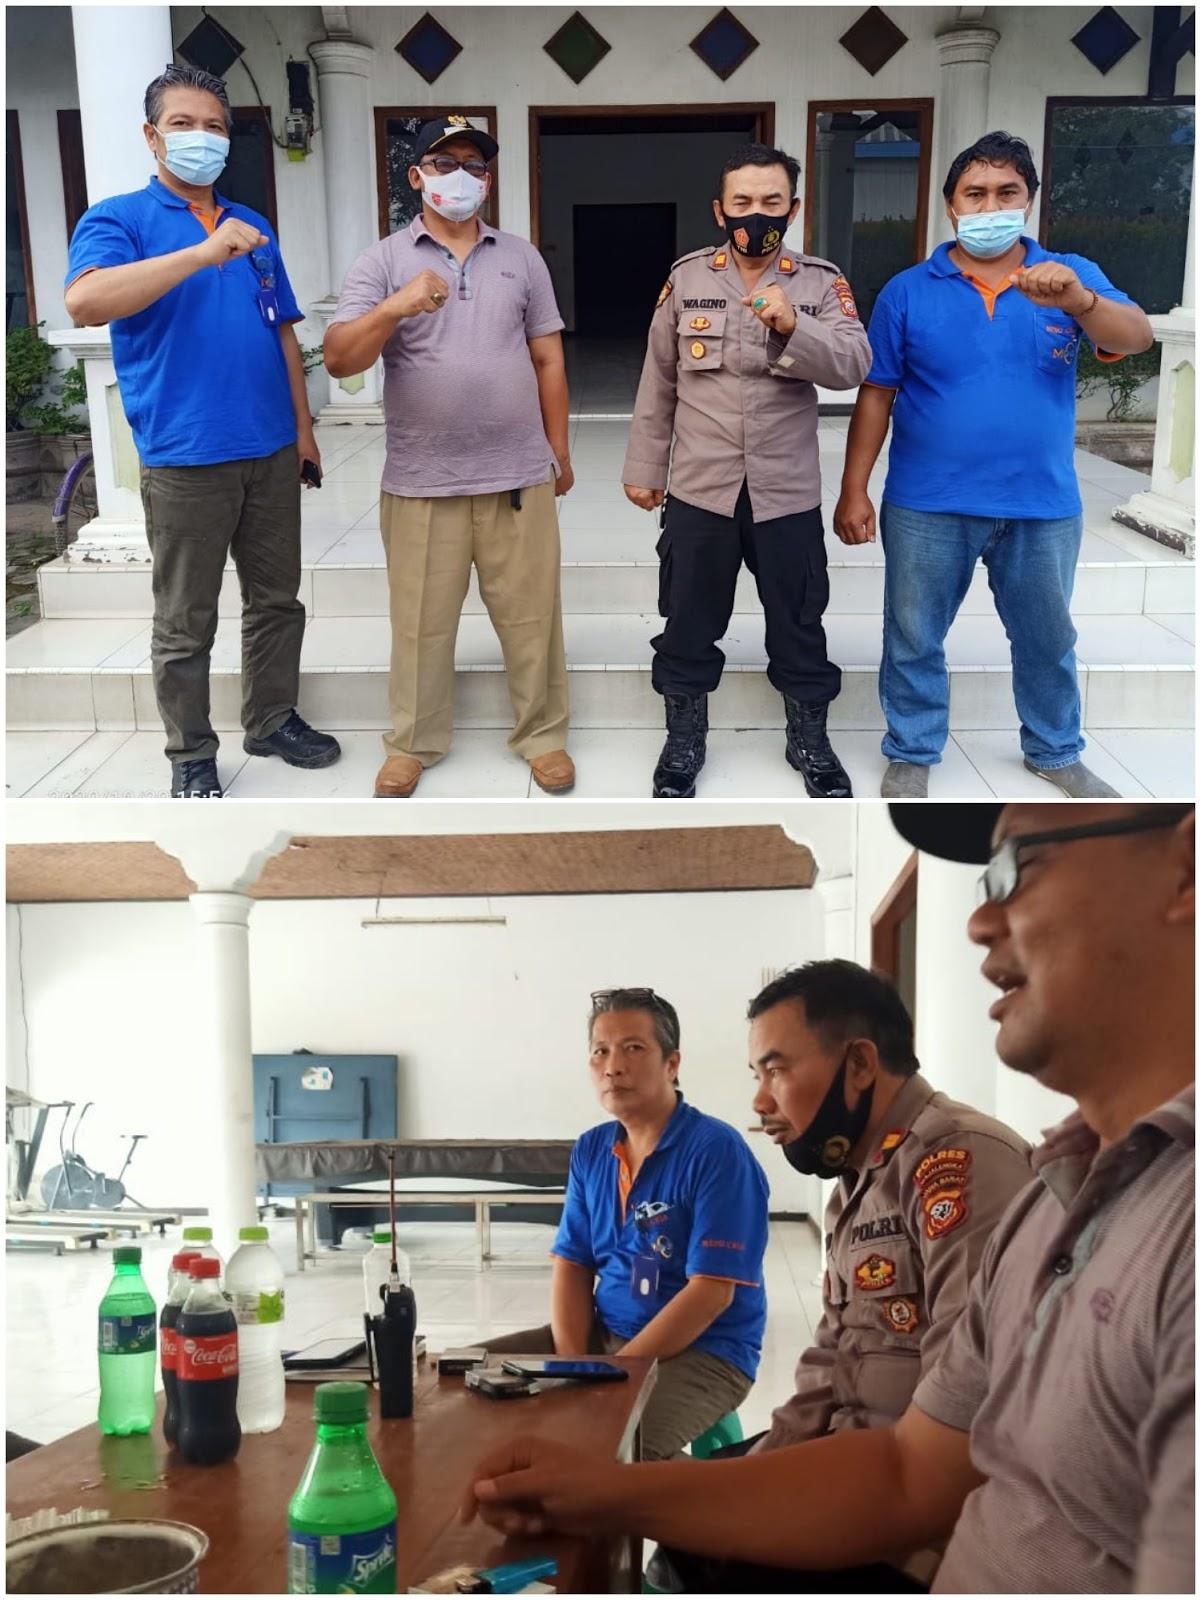 Polsek Dawuan Polres Majalengka Sosialisasikan 3M dan Prokes di PT. Ming Chia